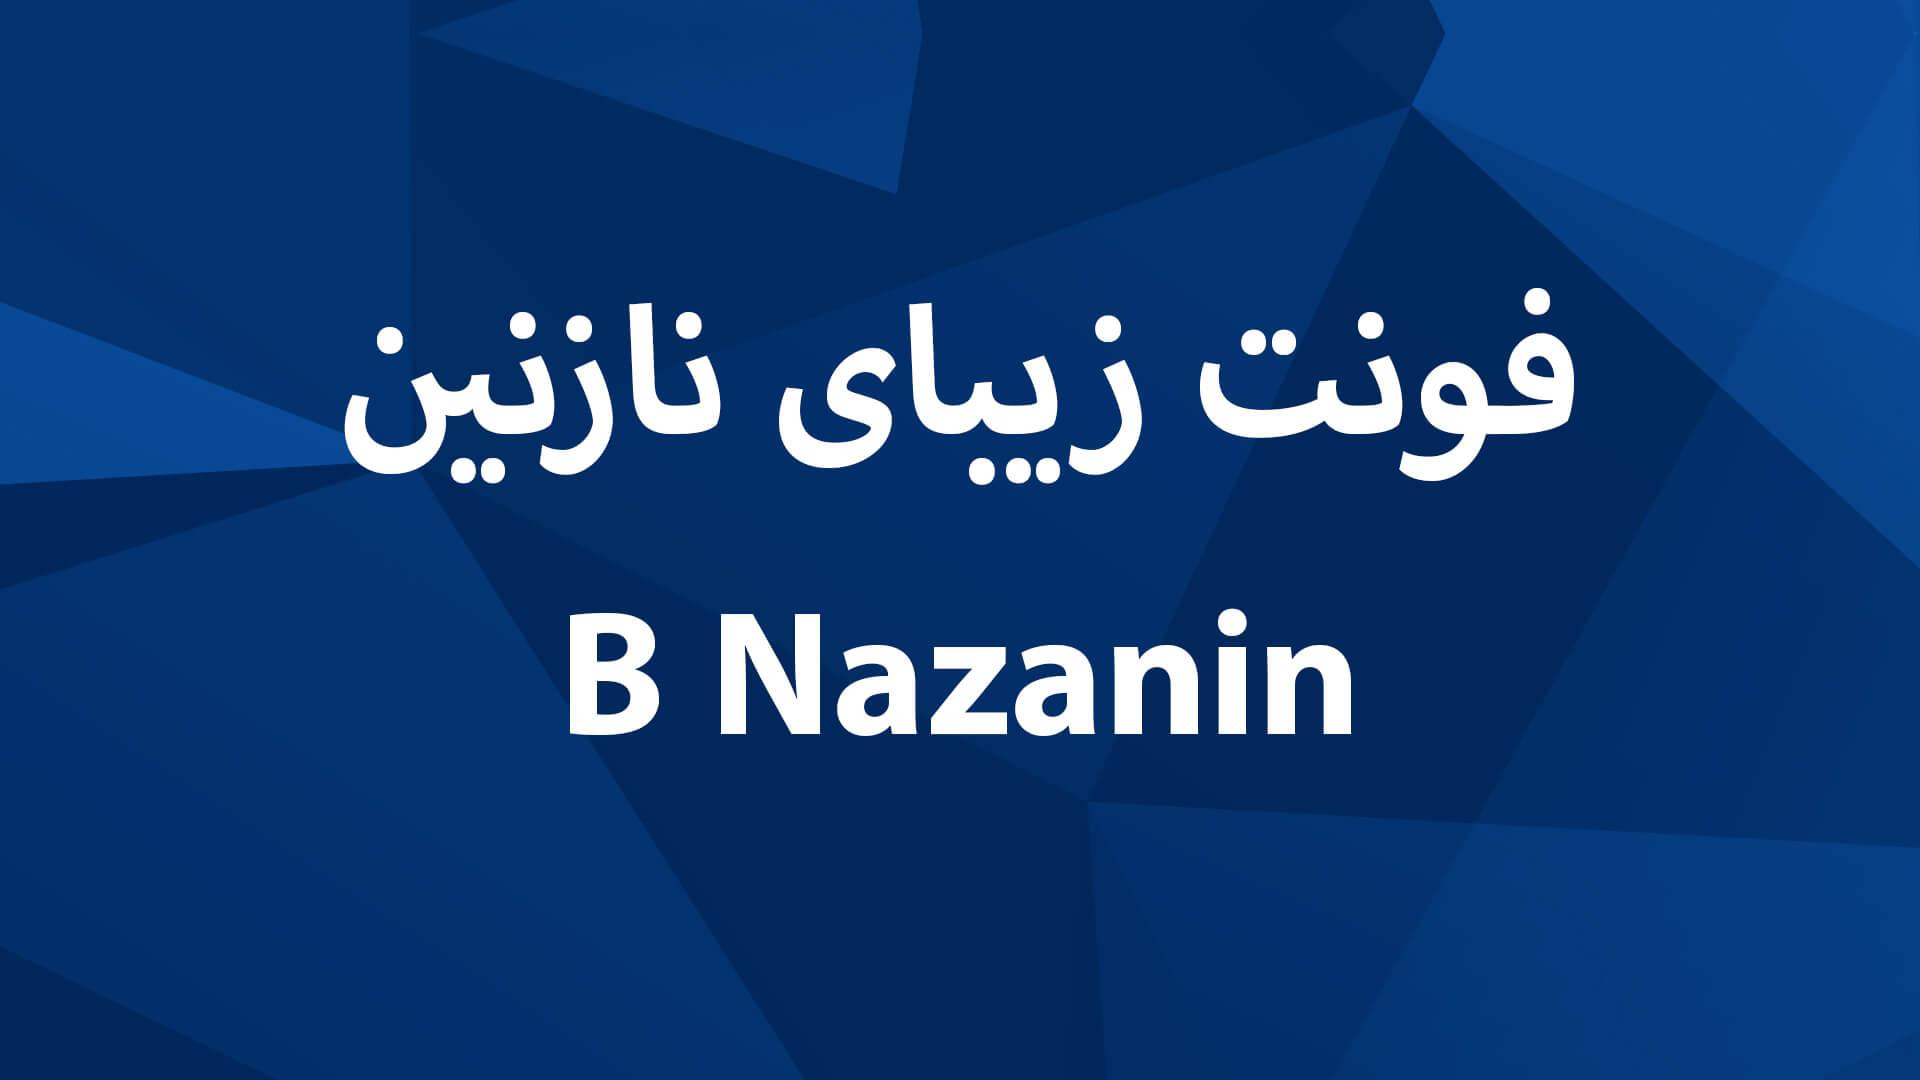 فونت B Nazanin